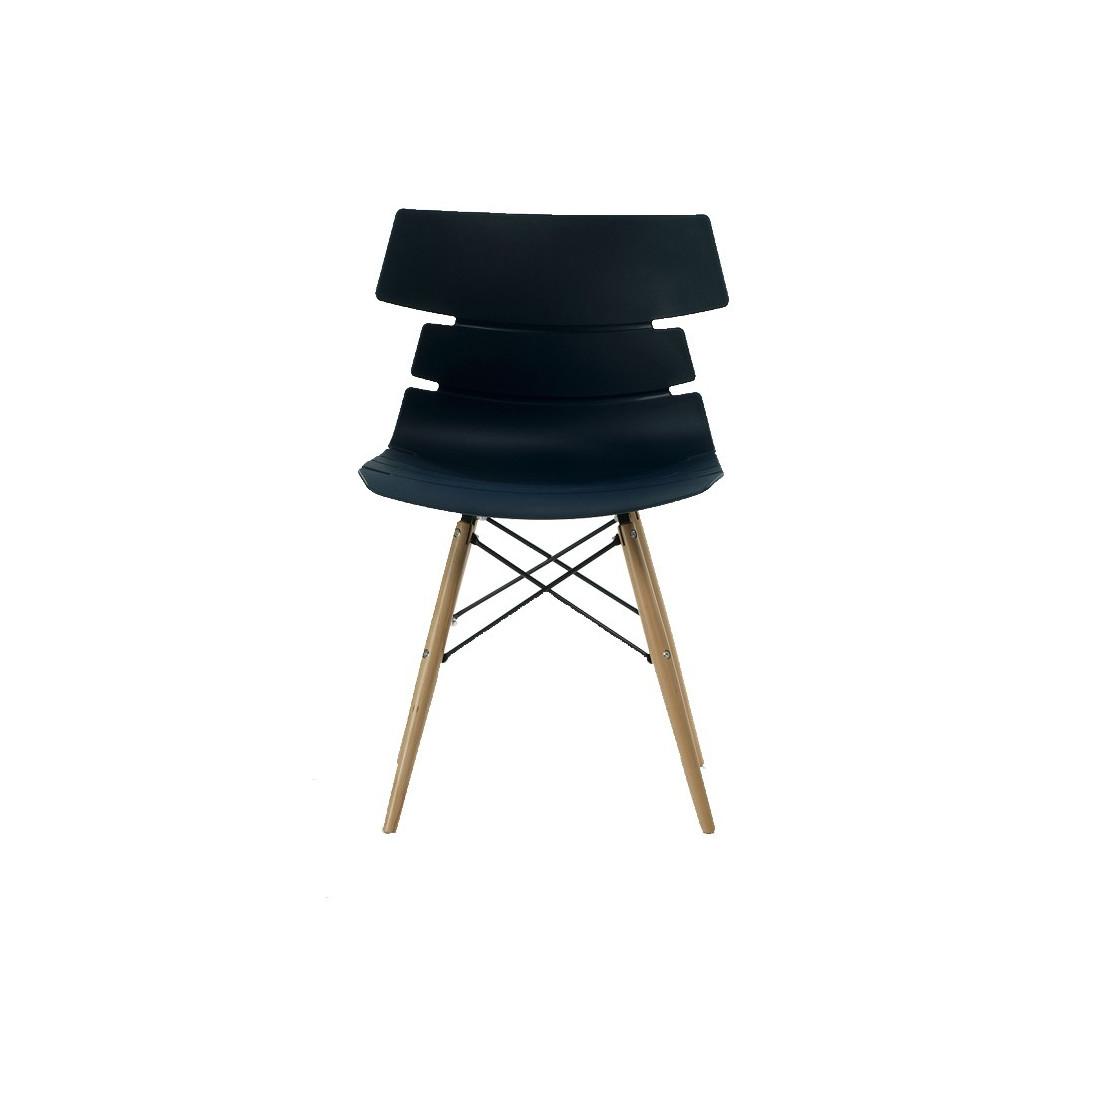 quatuor de chaises bleues siry univers salle manger tousmesmeubles. Black Bedroom Furniture Sets. Home Design Ideas